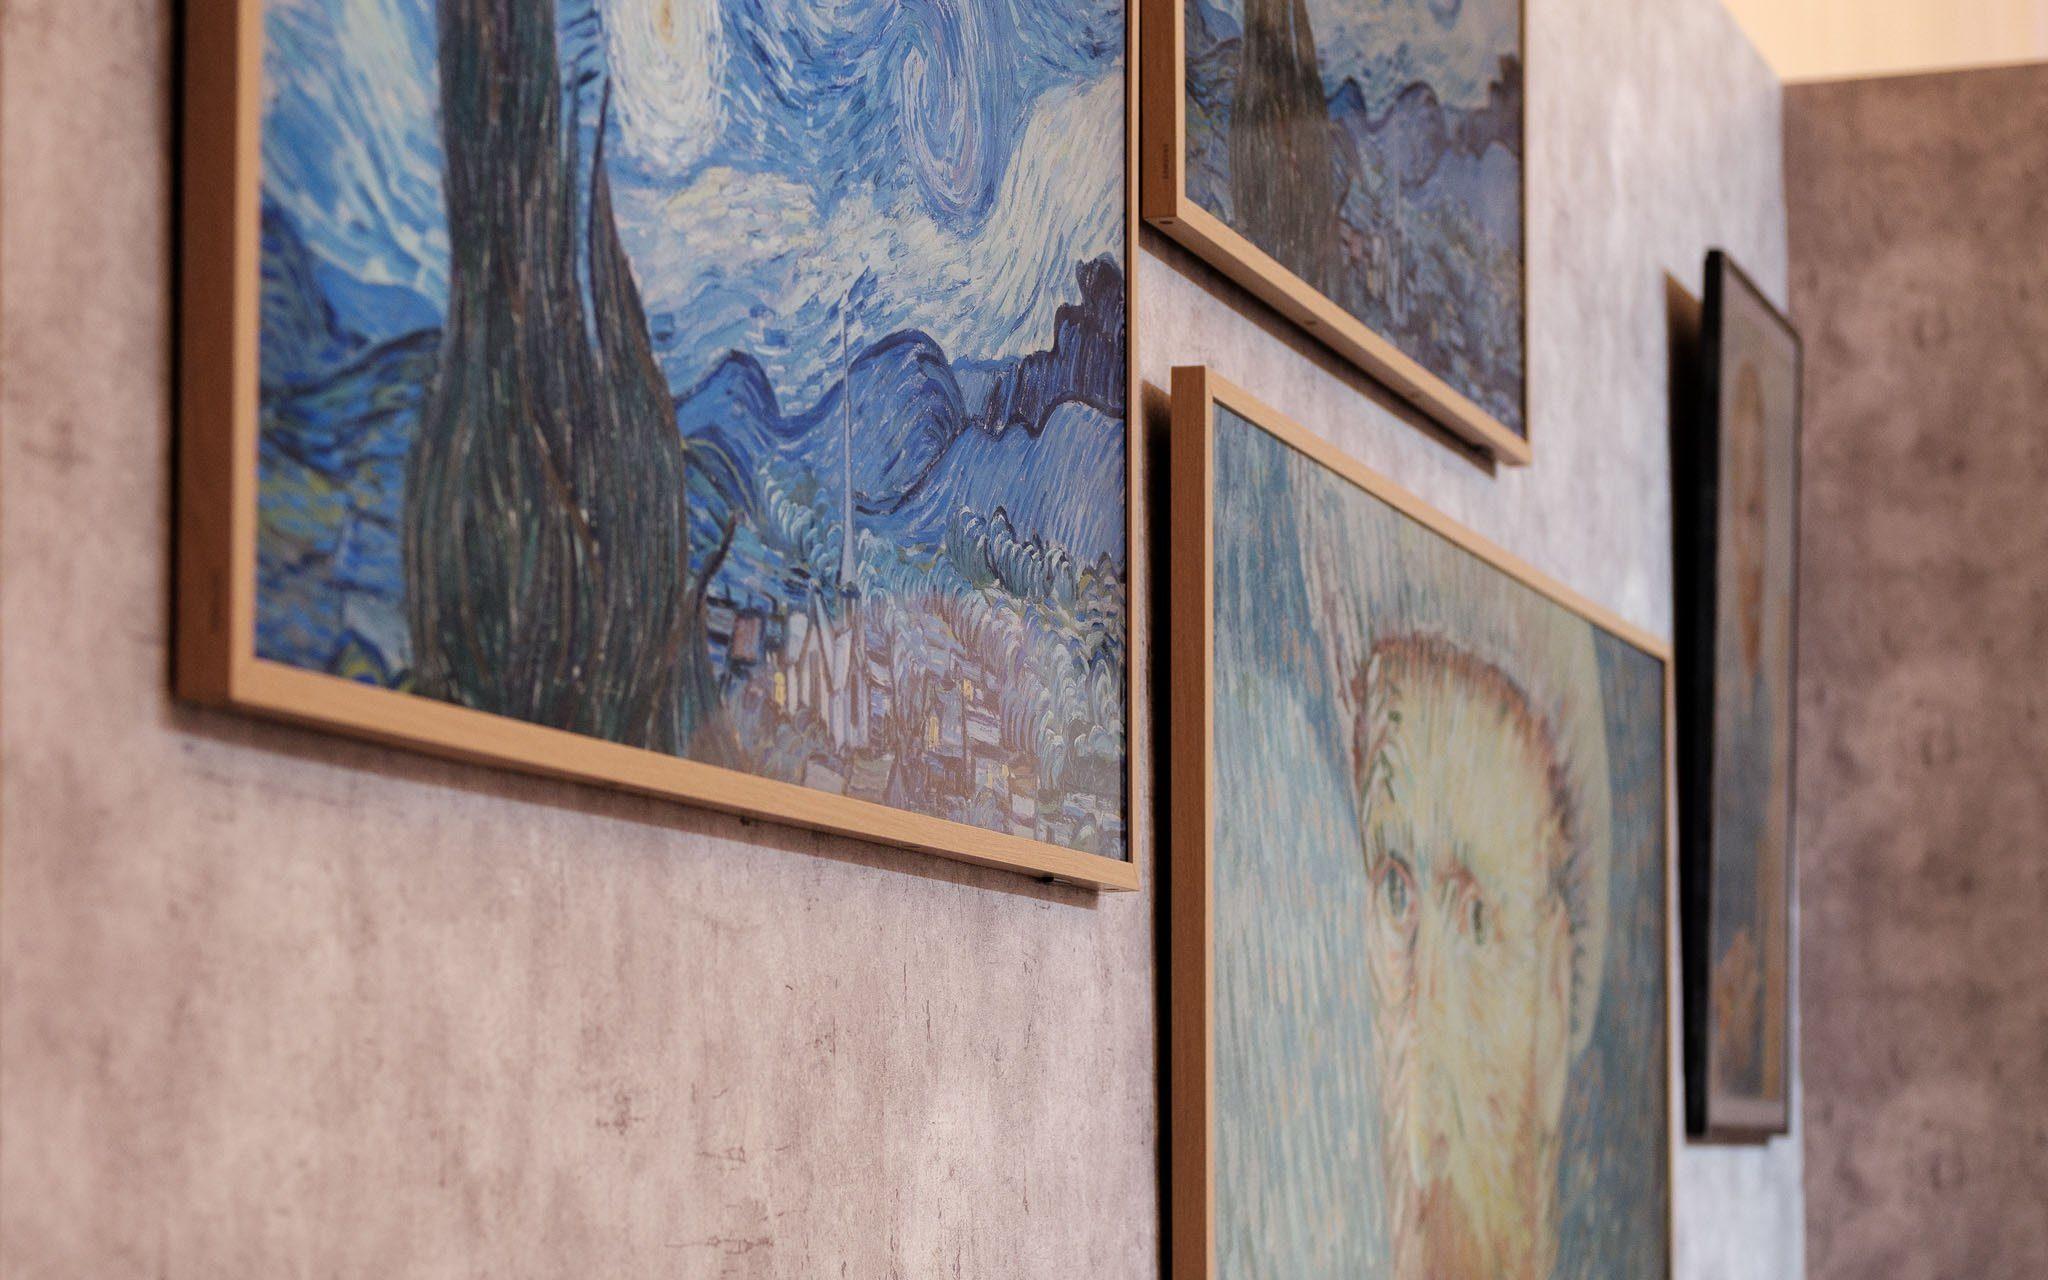 Màn hình bức tranh The Frame